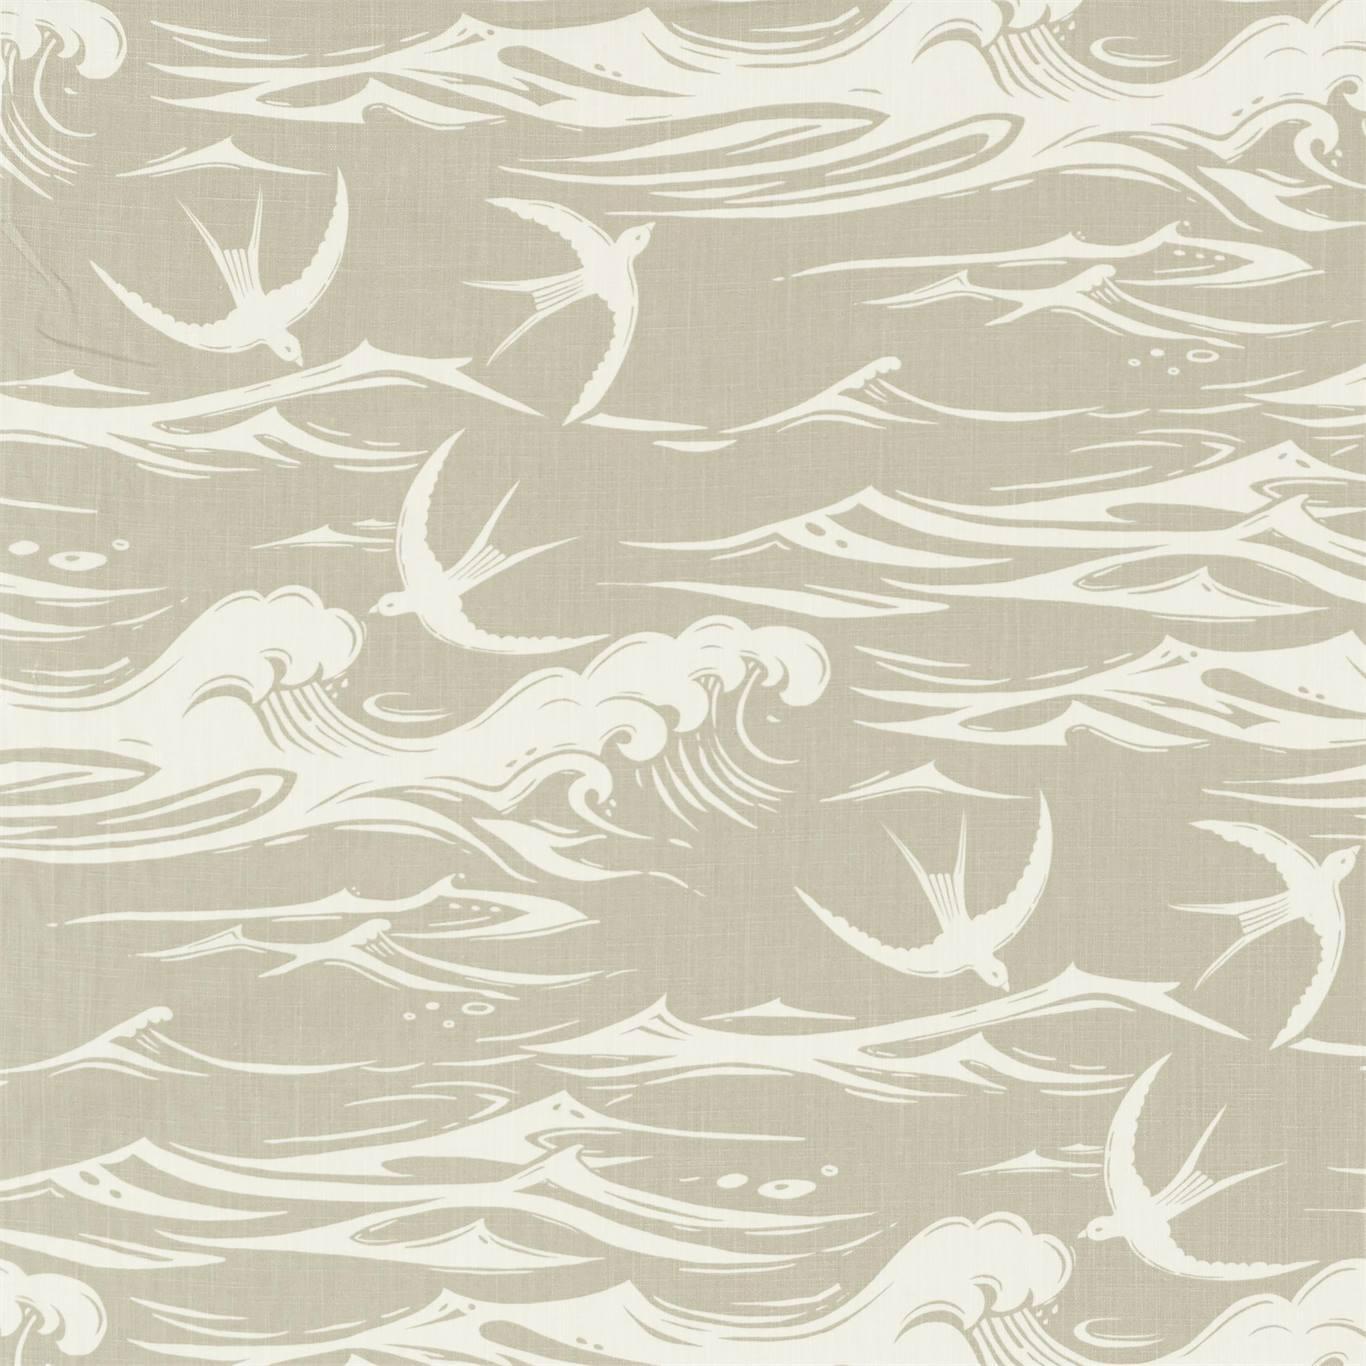 Swallows at Sea by SAN